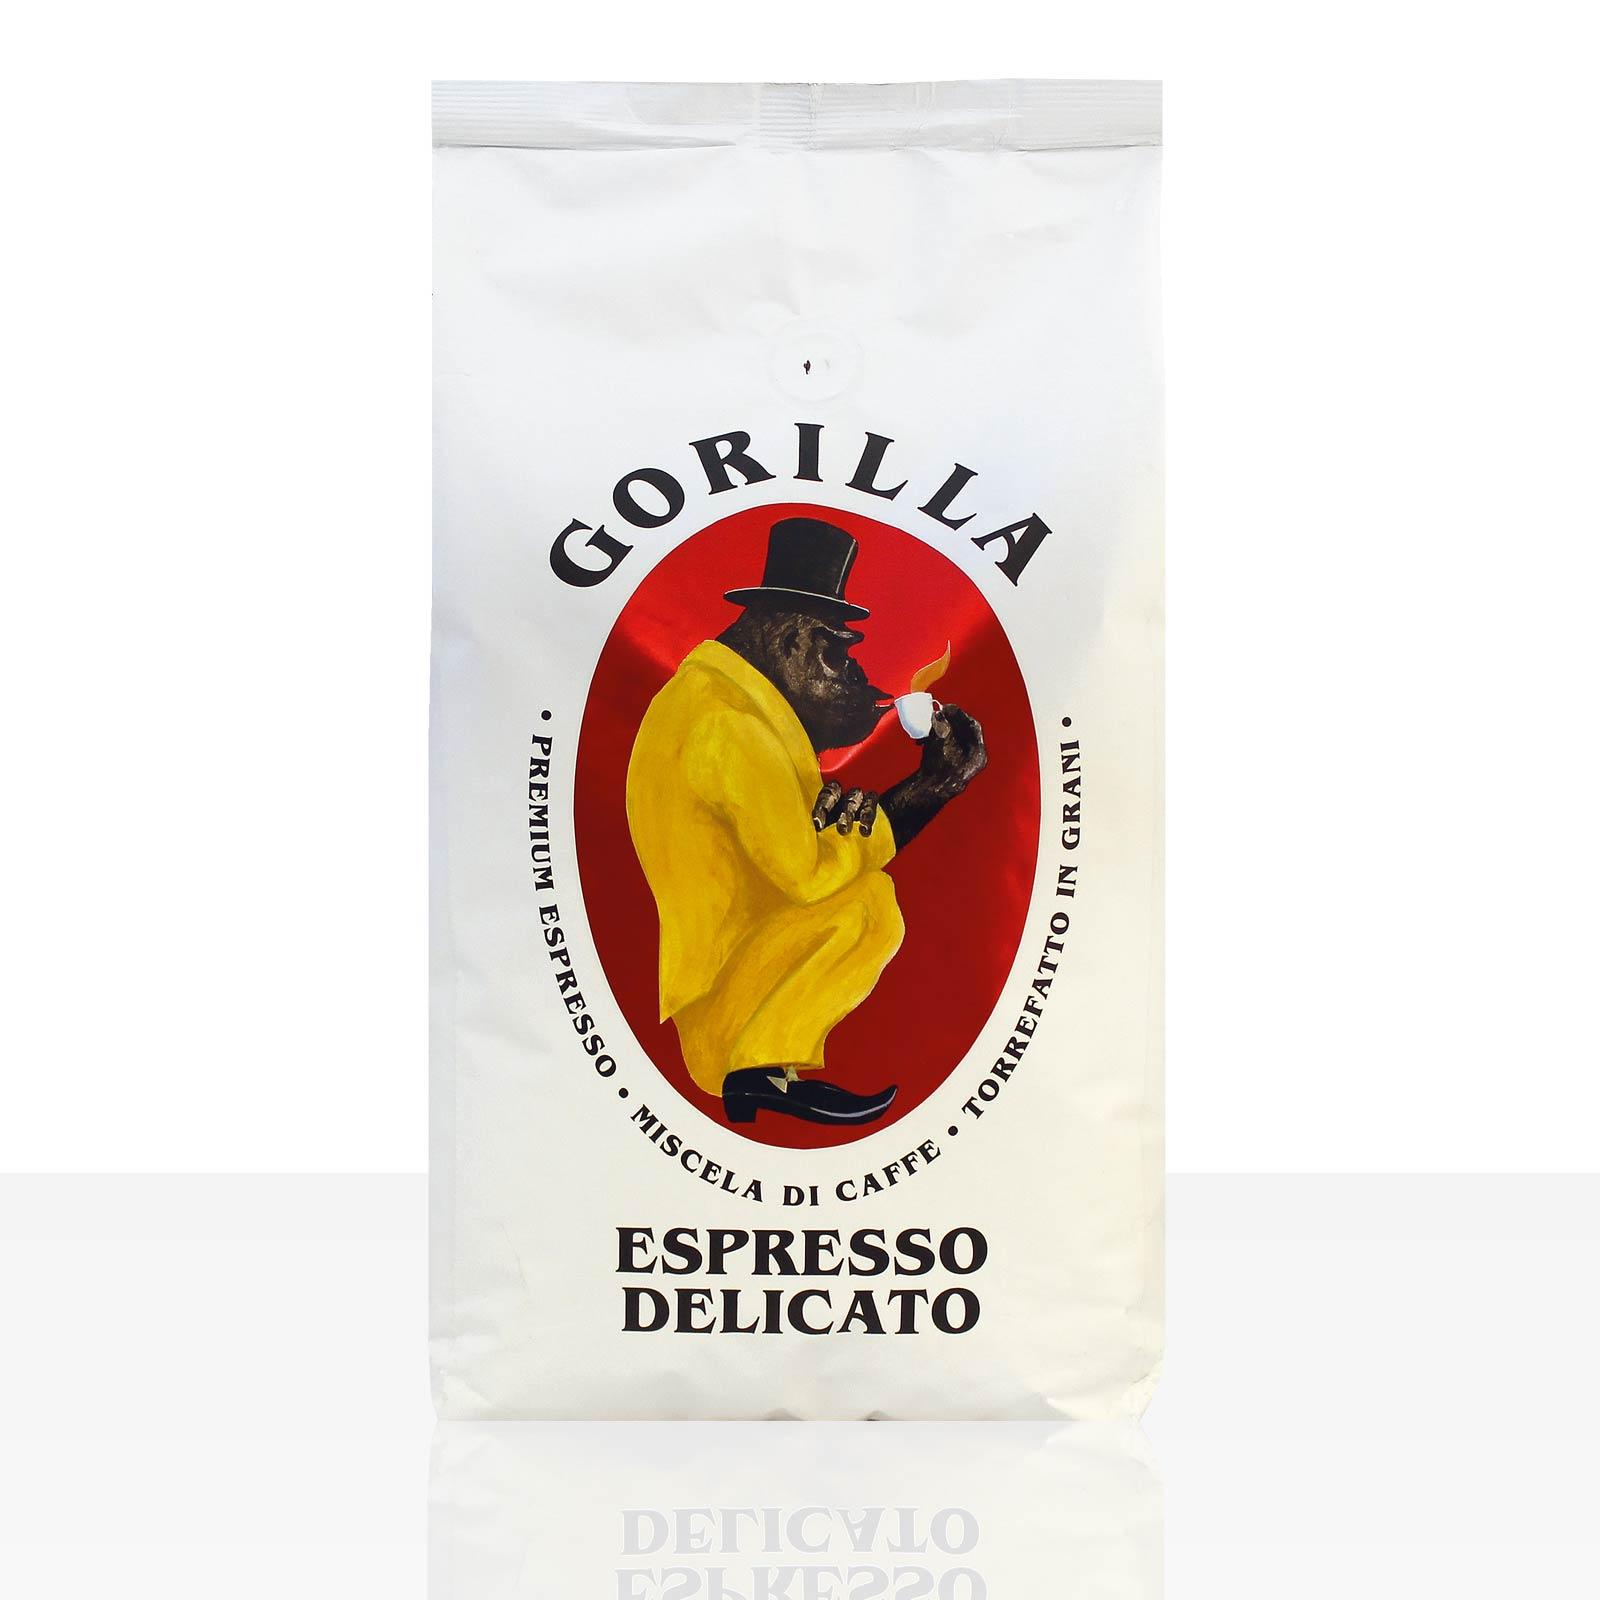 Gorilla Espresso Delicato 12 x 1kg Kaffee ganze Bohne